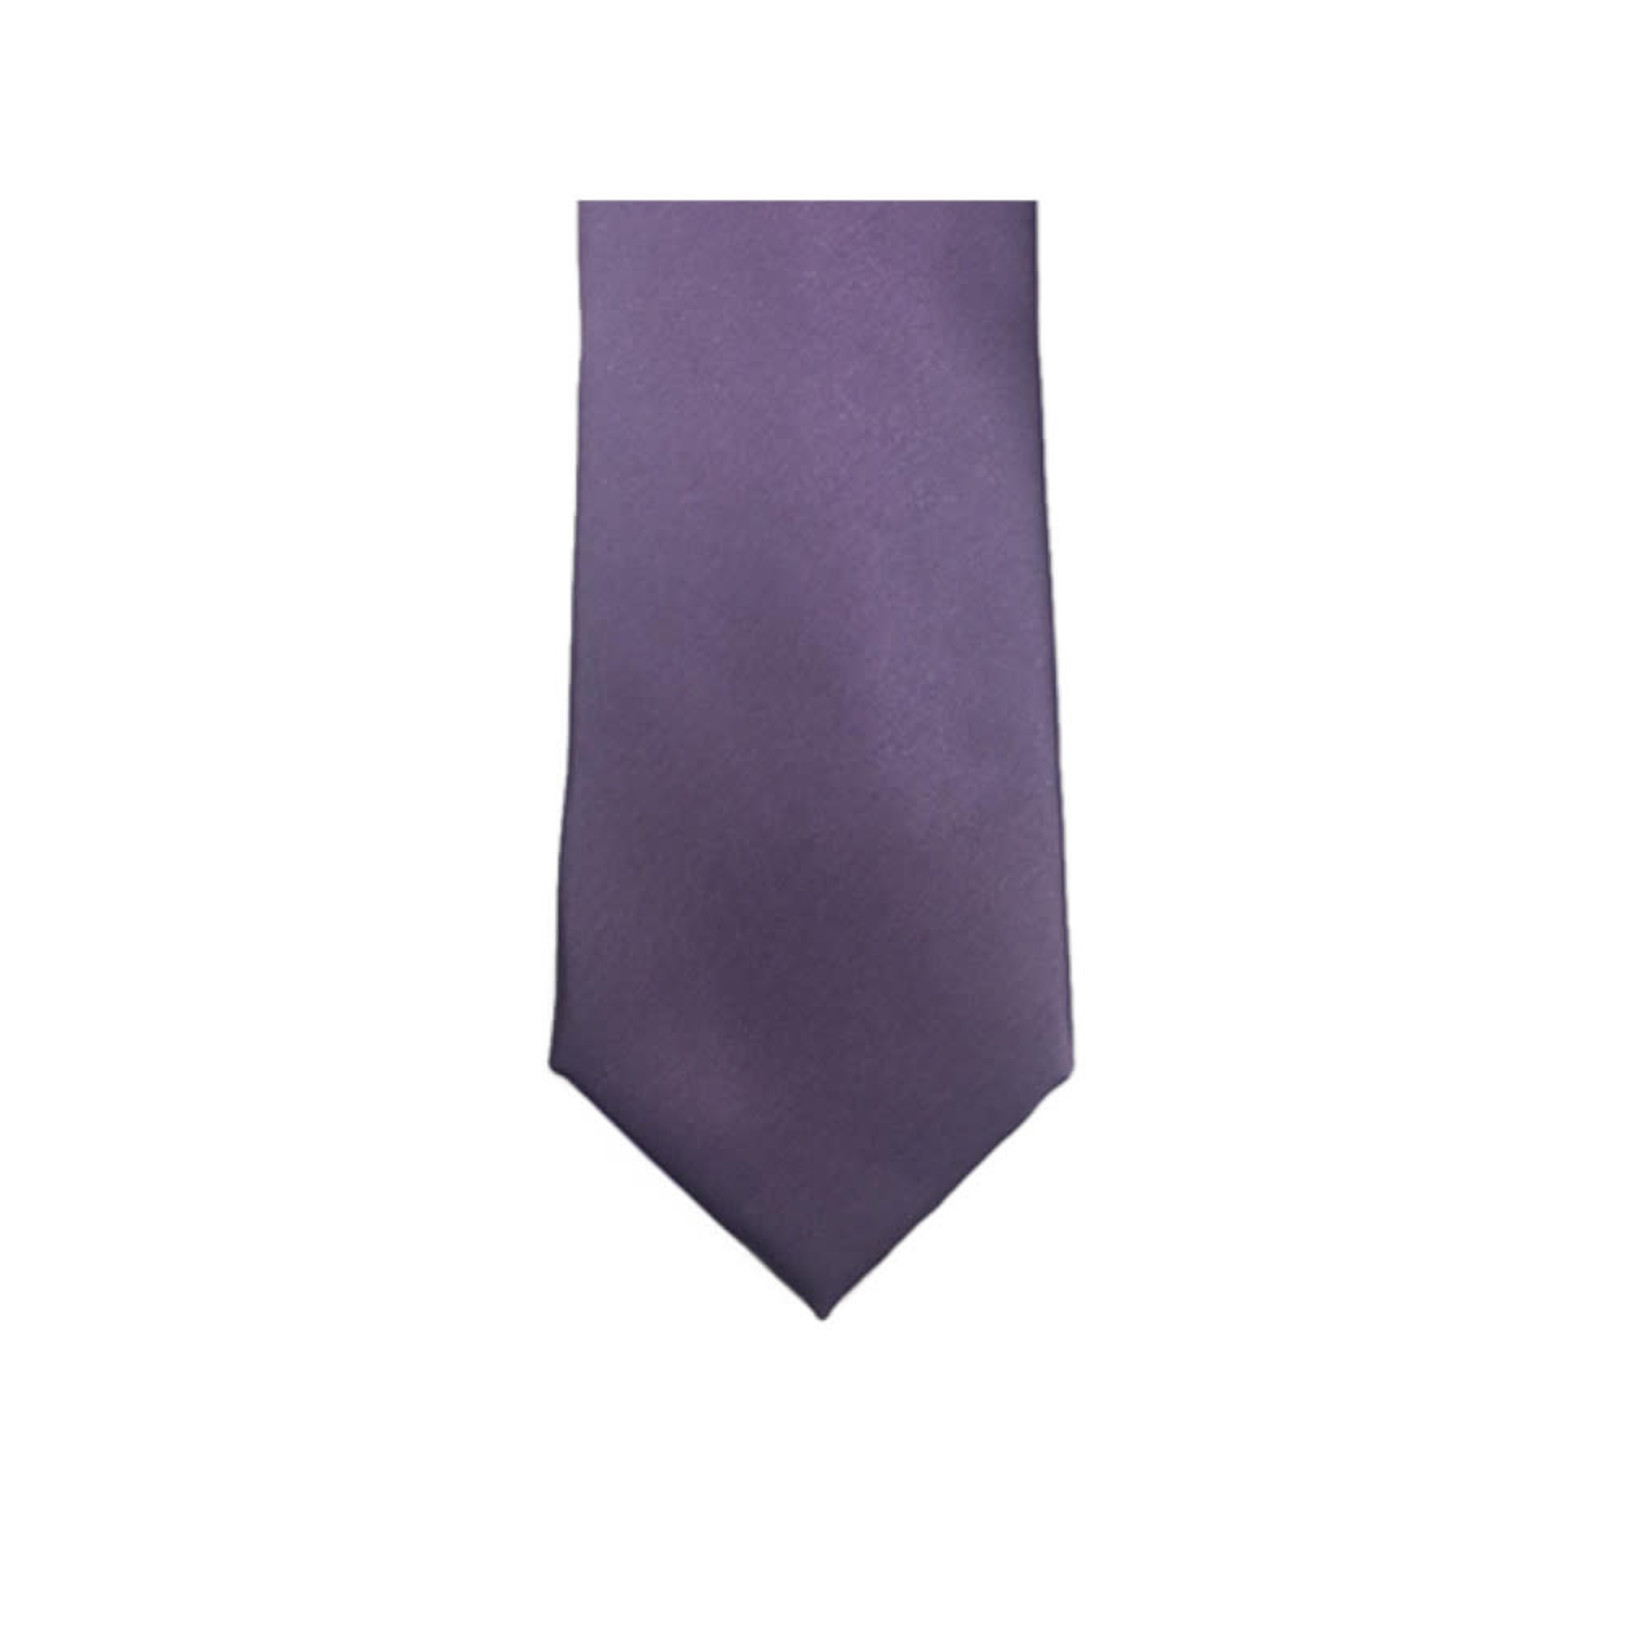 Knotz M100-61 Solid Mauve Tie